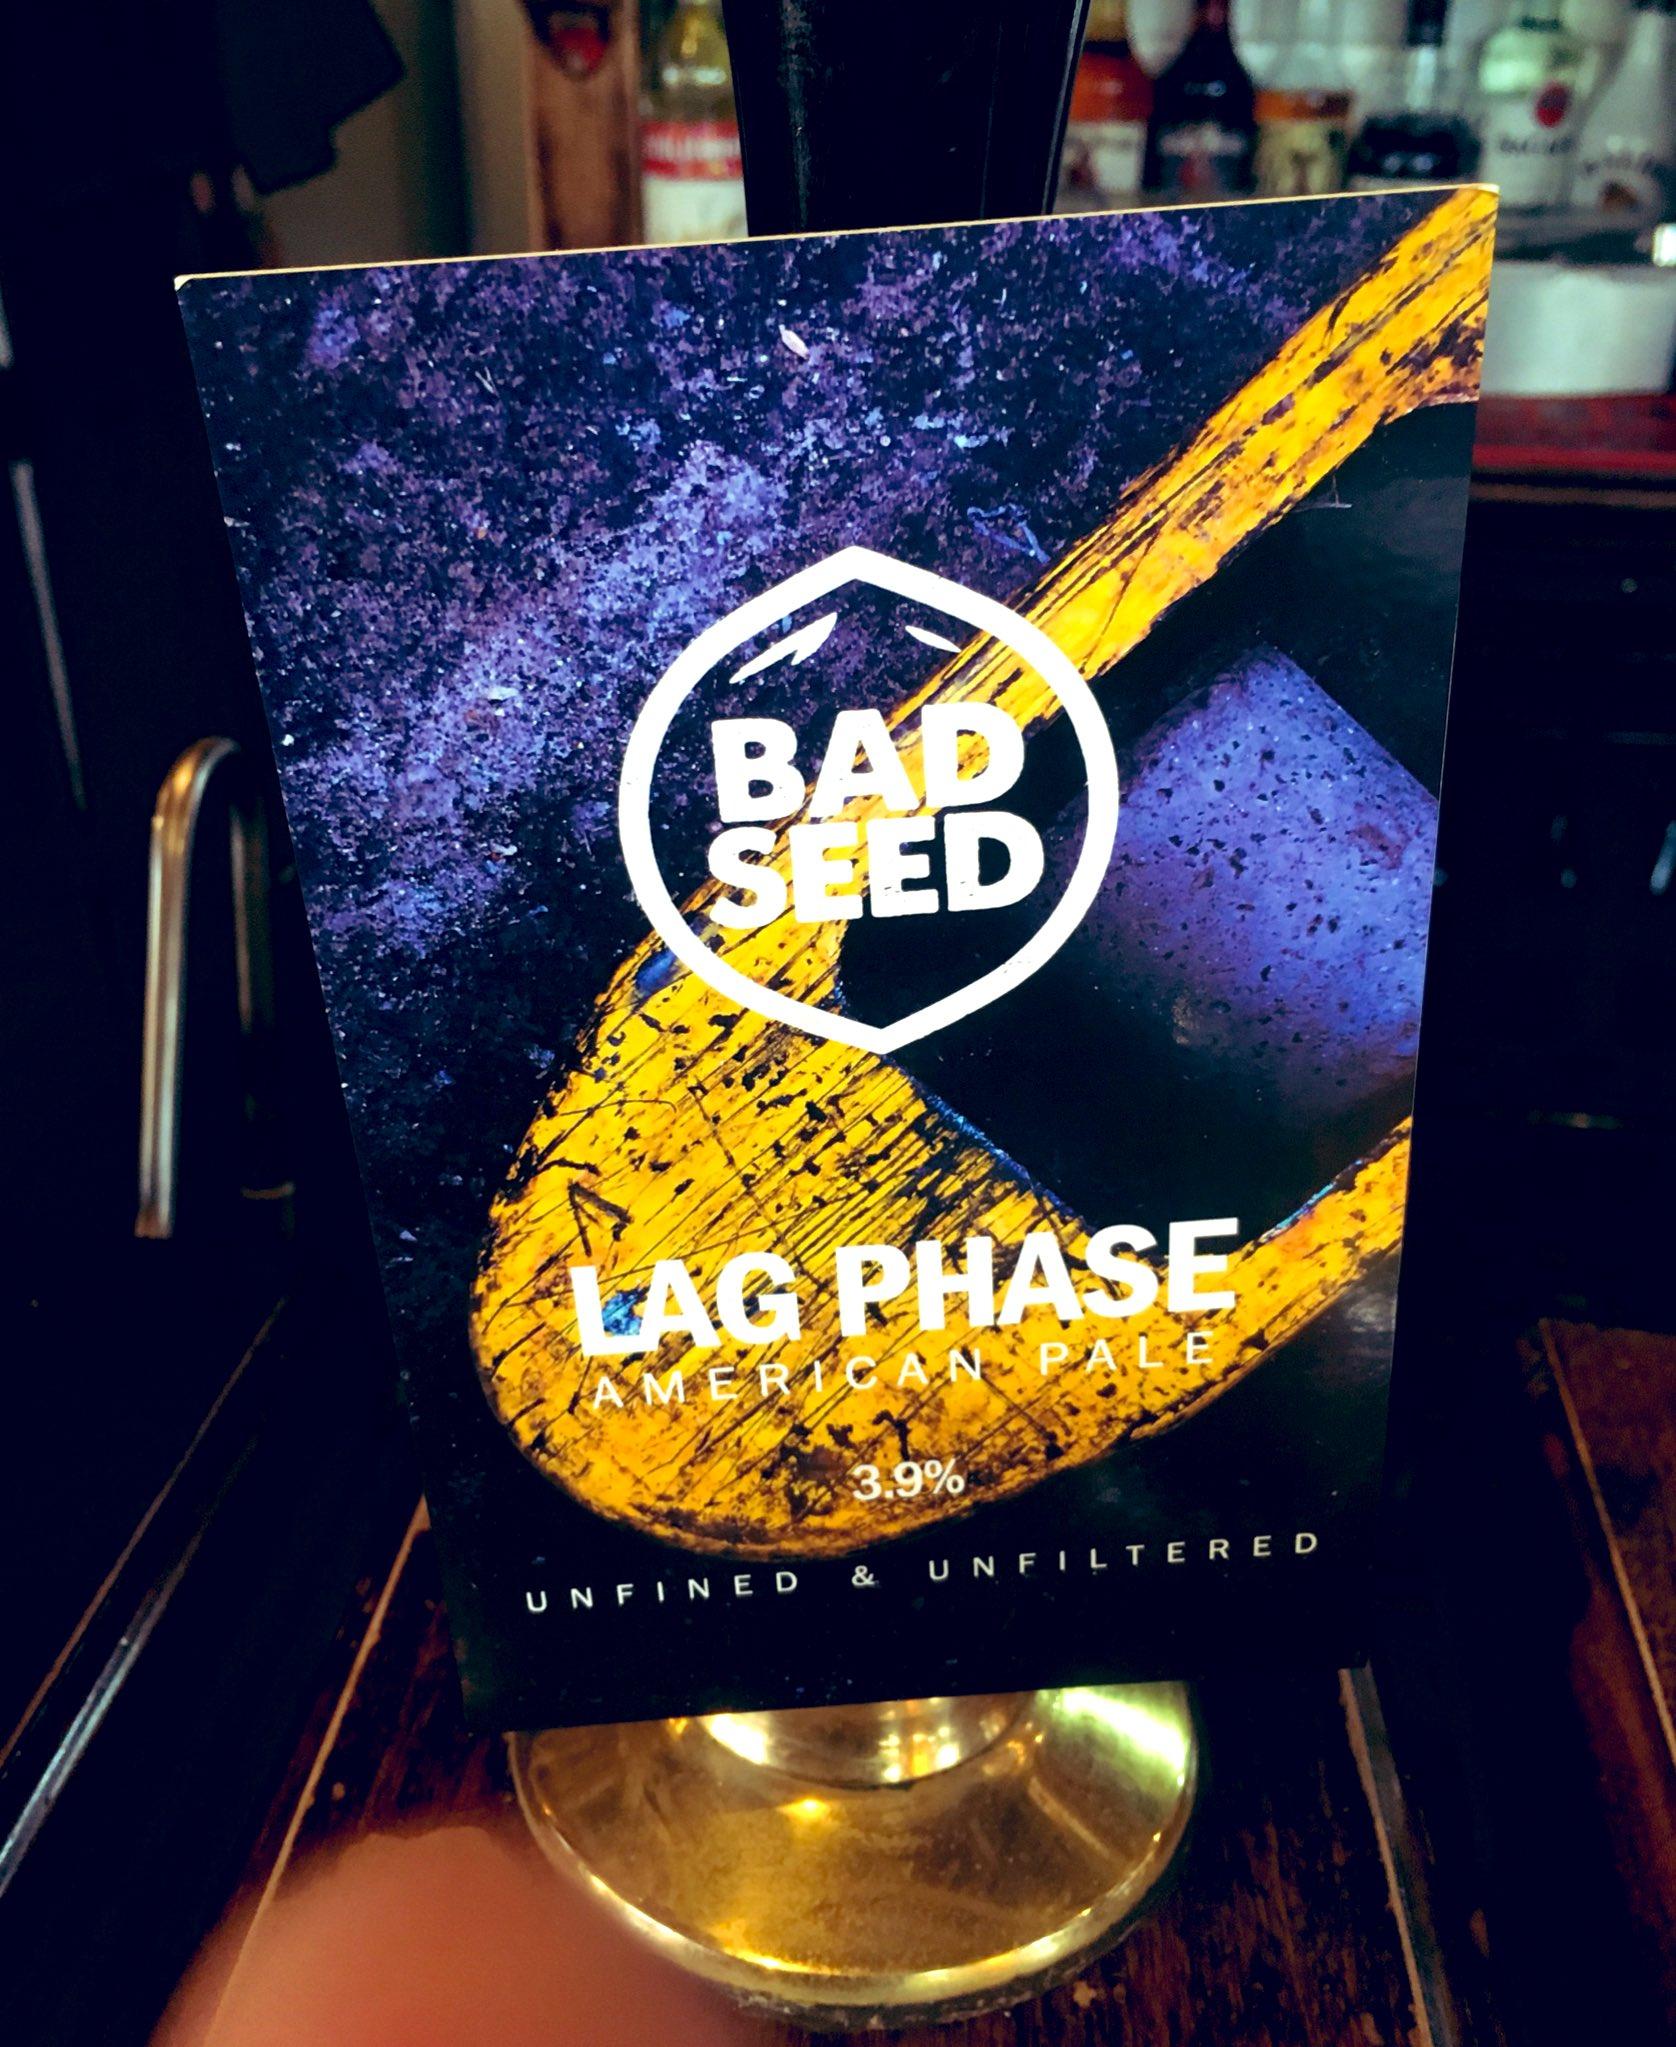 208: Lag Phase